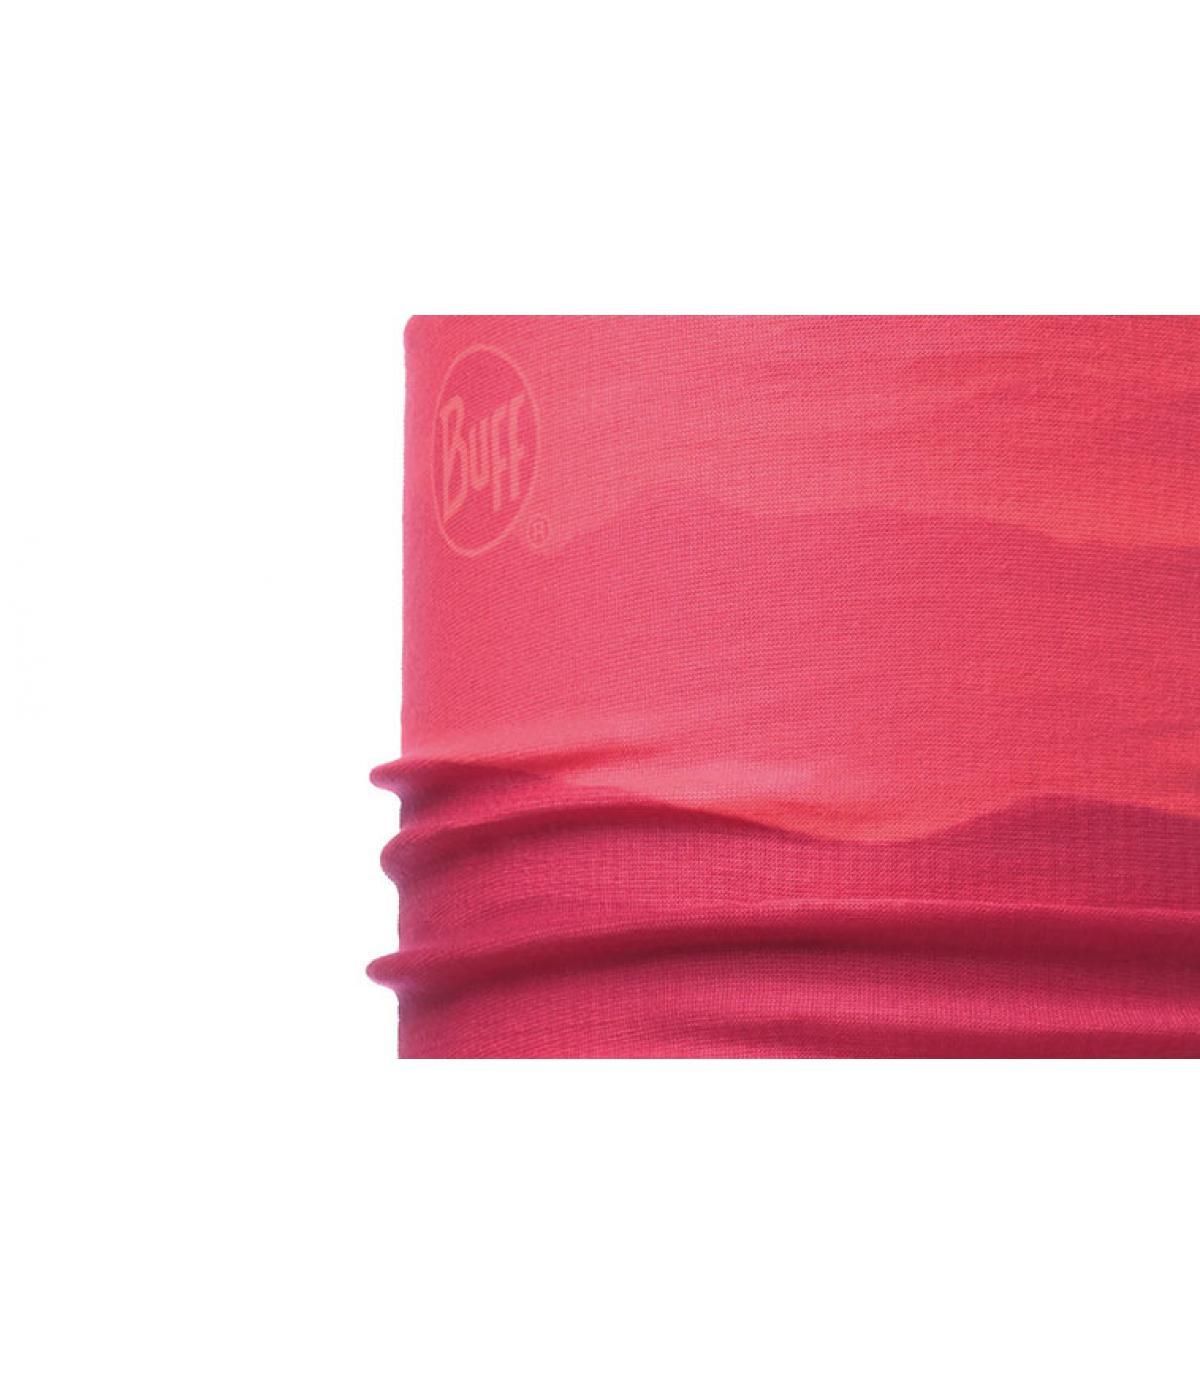 Details Original soft hills pink fluo - Abbildung 2